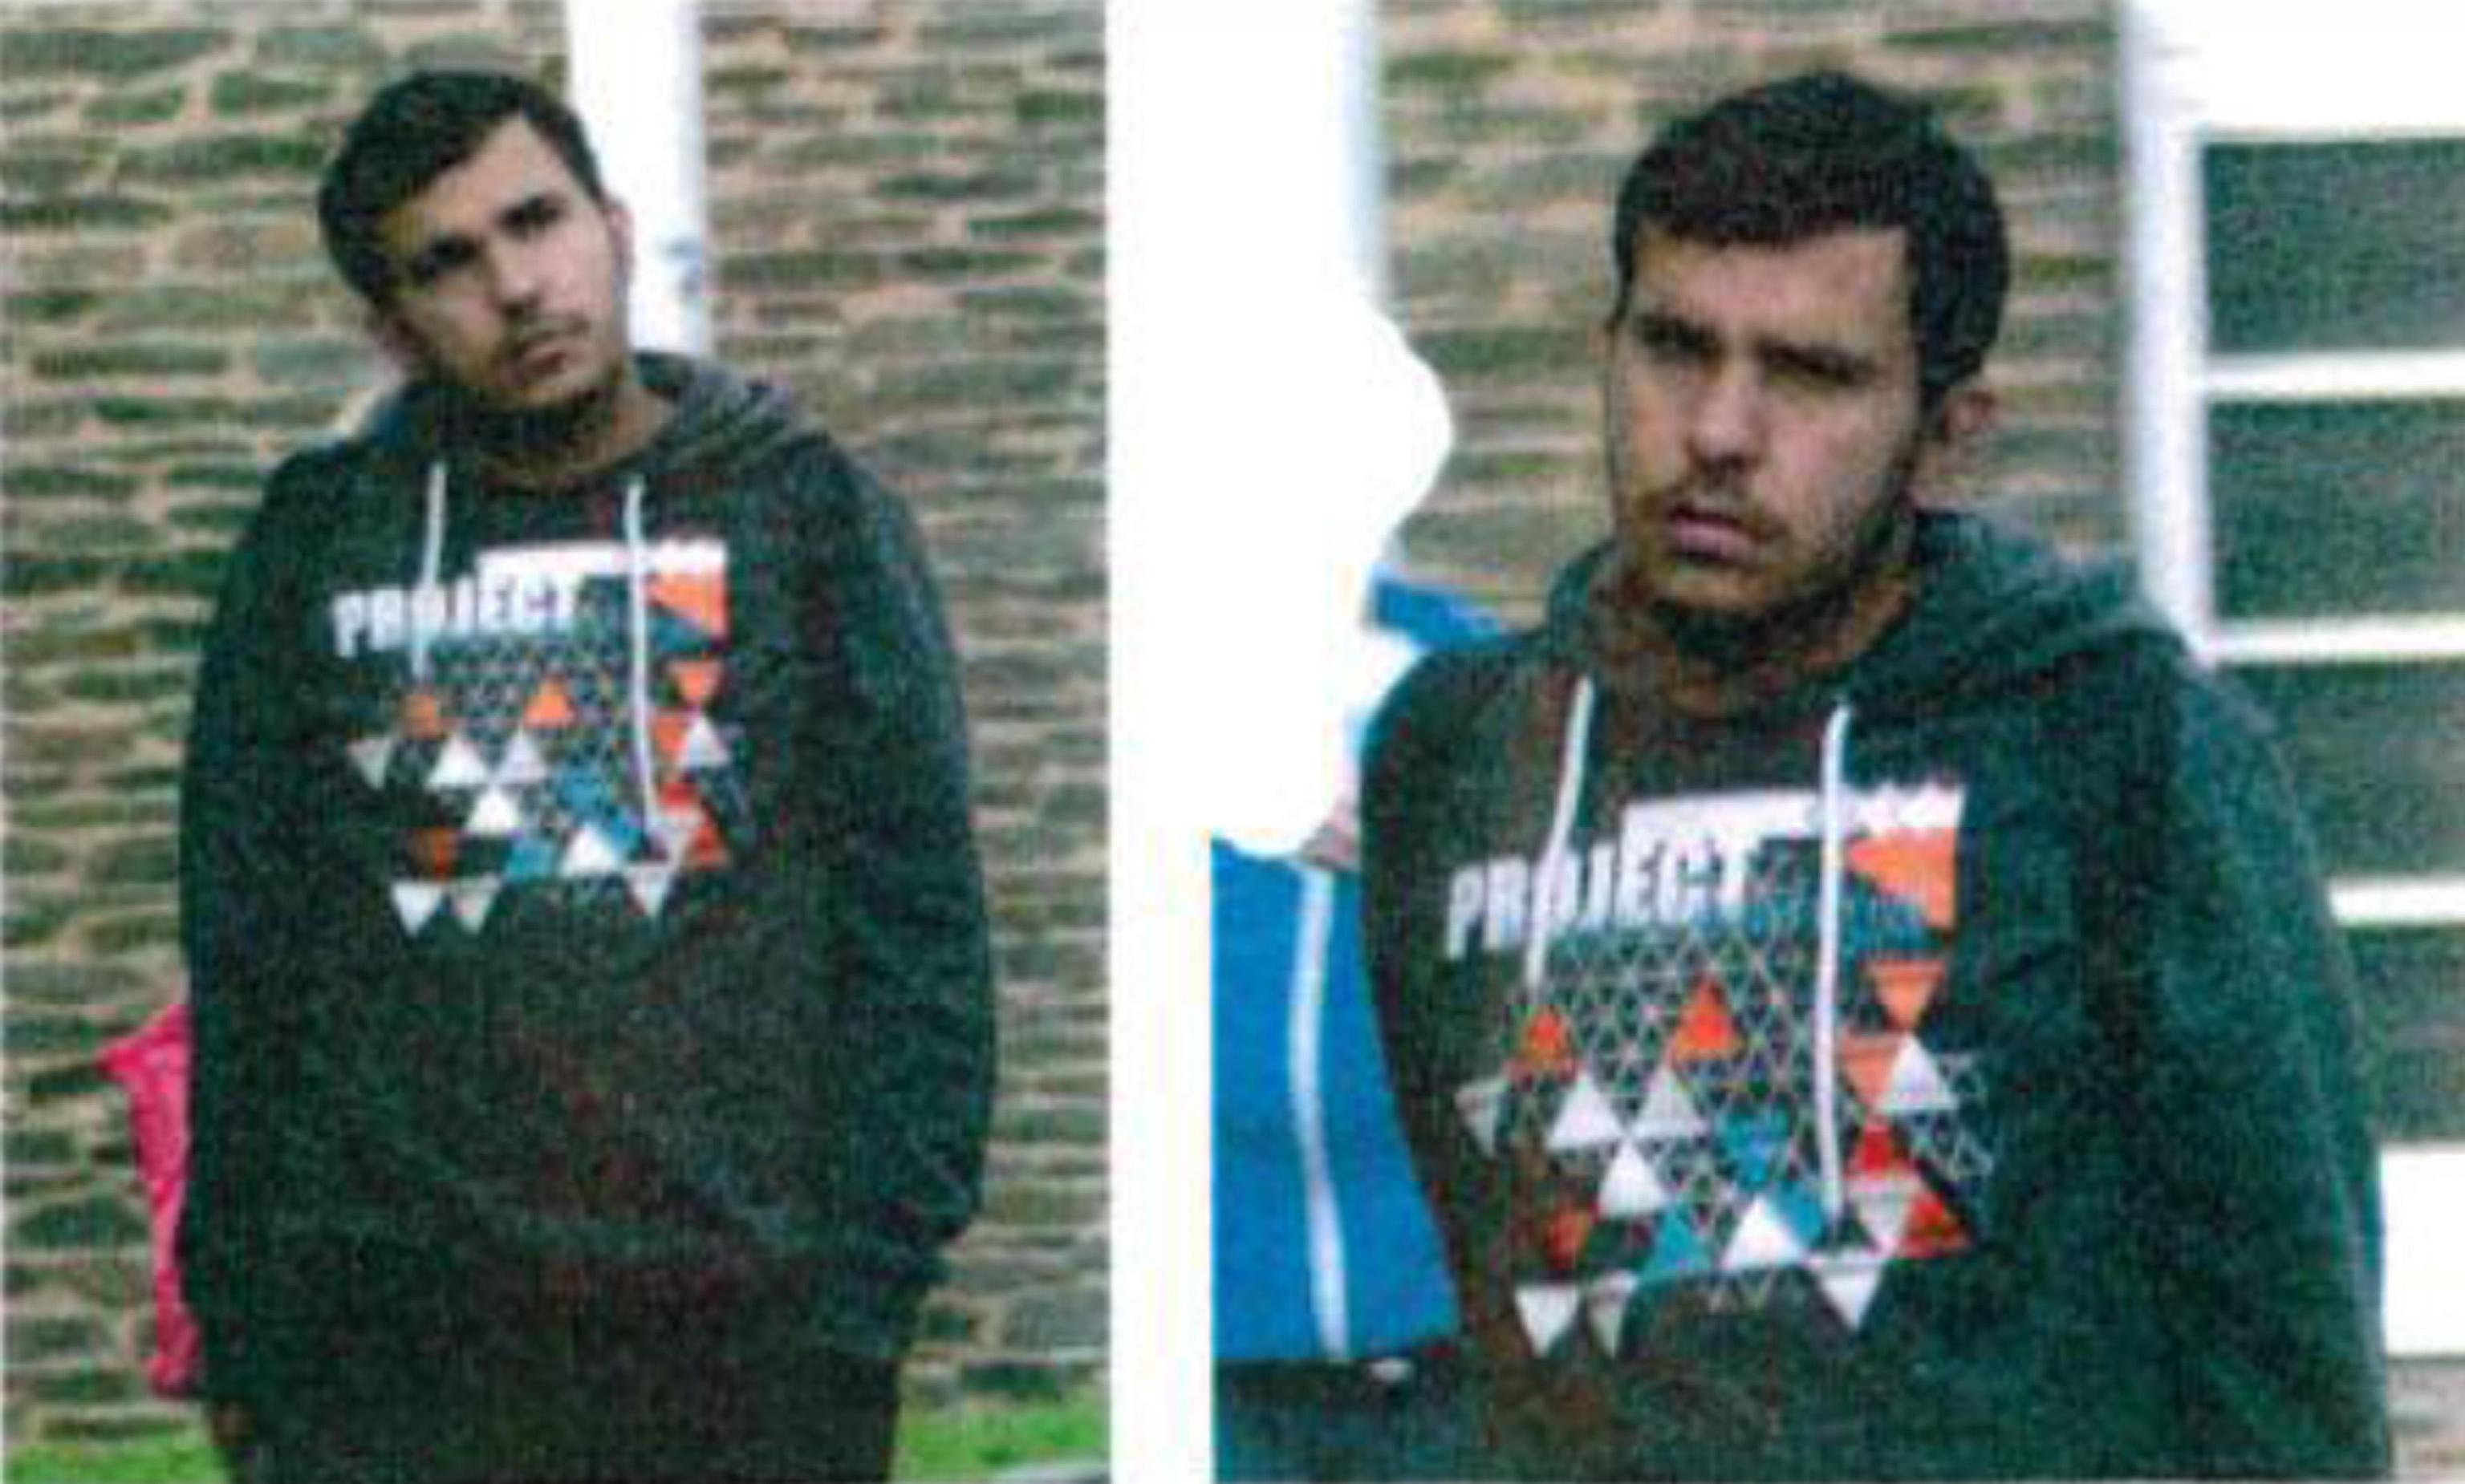 Germania, arrestato il siriano accusato di preparare attentato